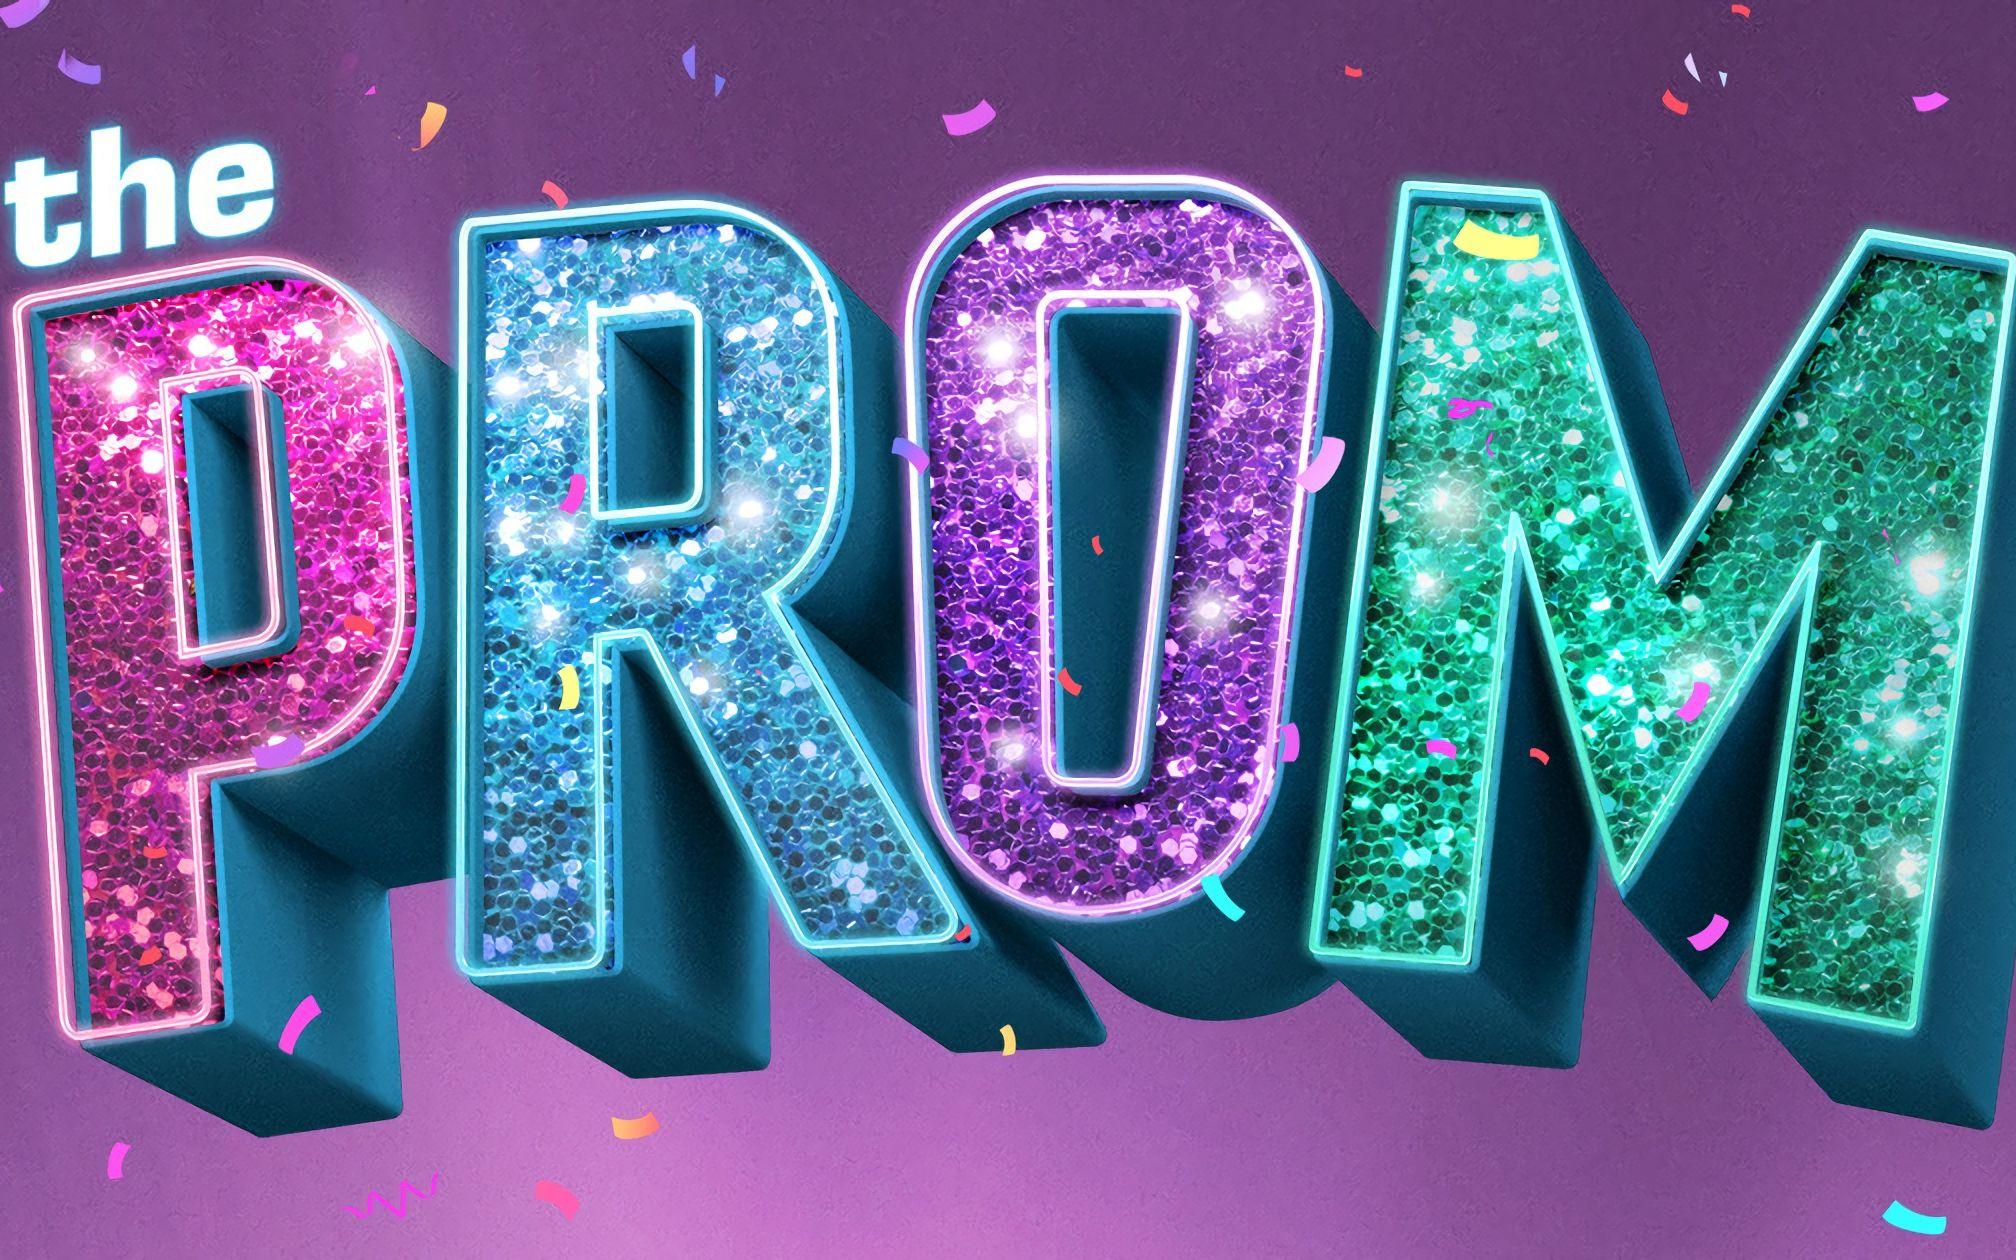 音乐剧《舞会》The Prom(bootleg角度)官方Instagram直播_哔哩哔哩 (゜-゜)つロ 干杯~-bilibili